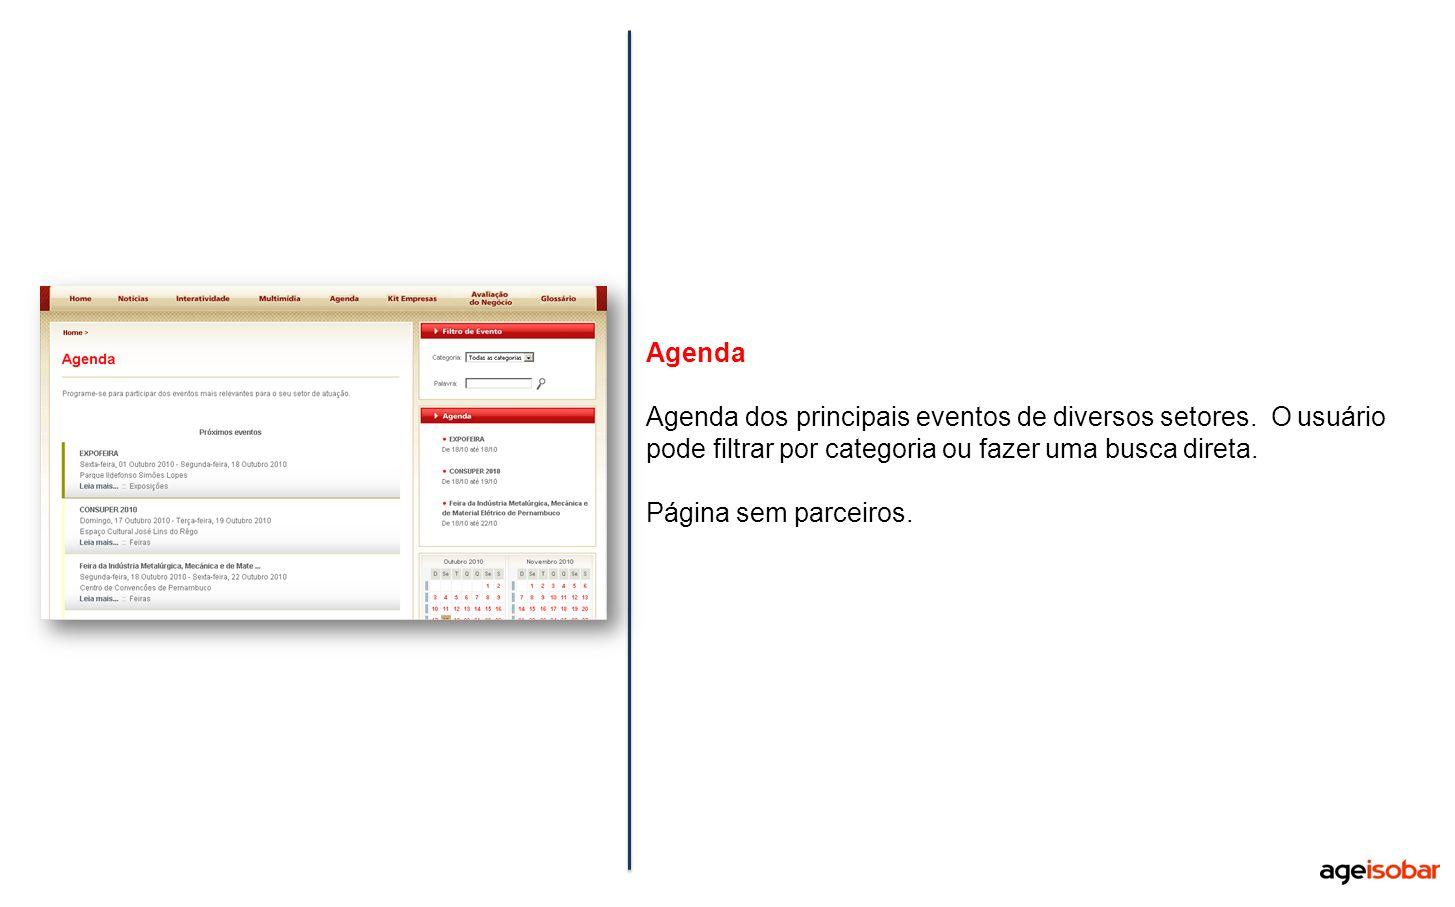 Agenda Agenda dos principais eventos de diversos setores. O usuário pode filtrar por categoria ou fazer uma busca direta. Página sem parceiros.